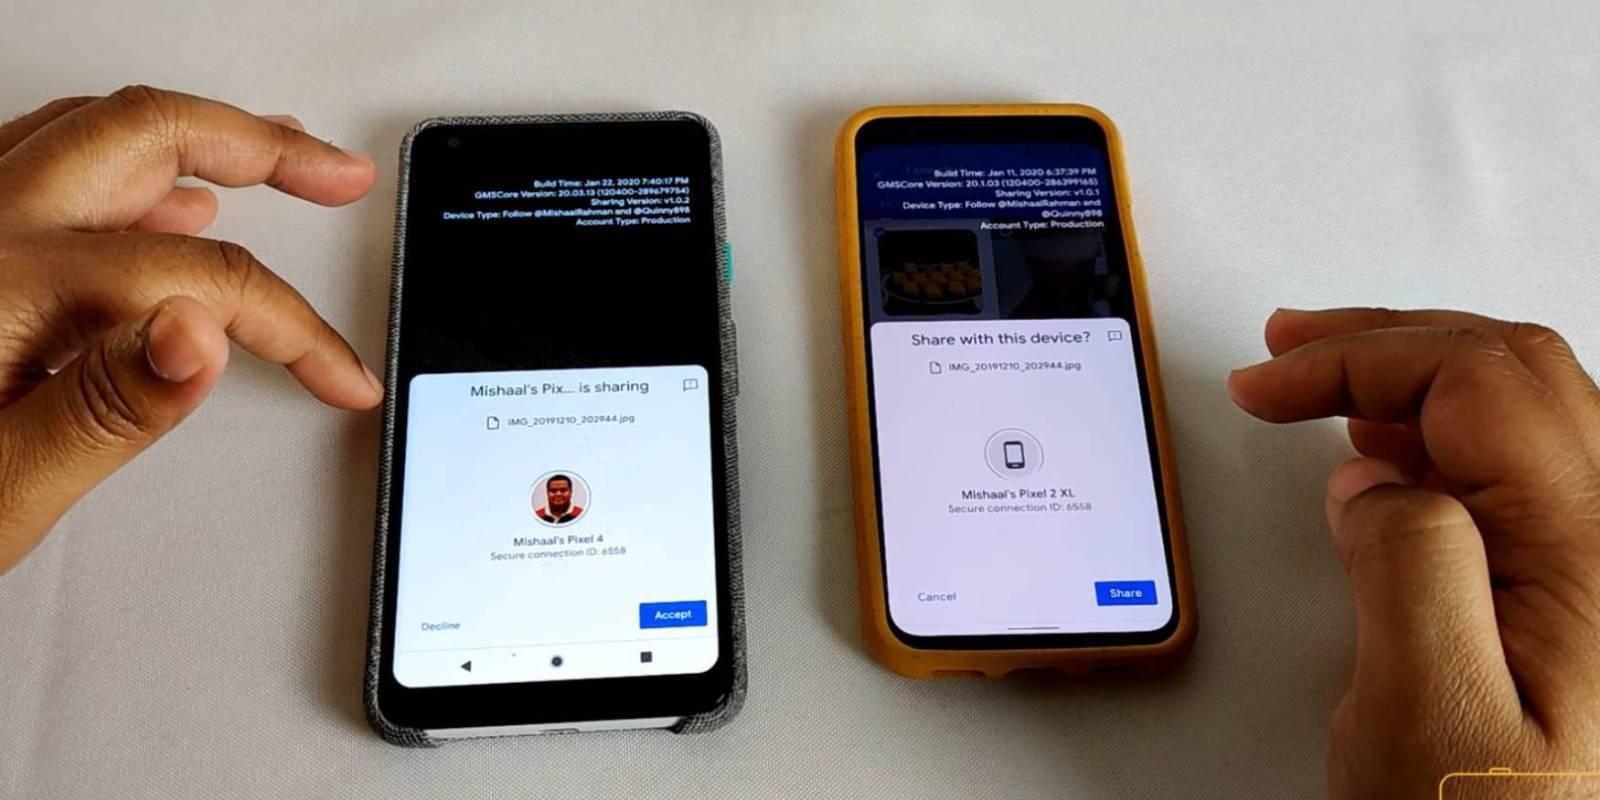 Obrázek: Google okopíroval Apple AirDrop: Mobily s Androidem se naučí rychle sdílet soubory přes Wi-Fi